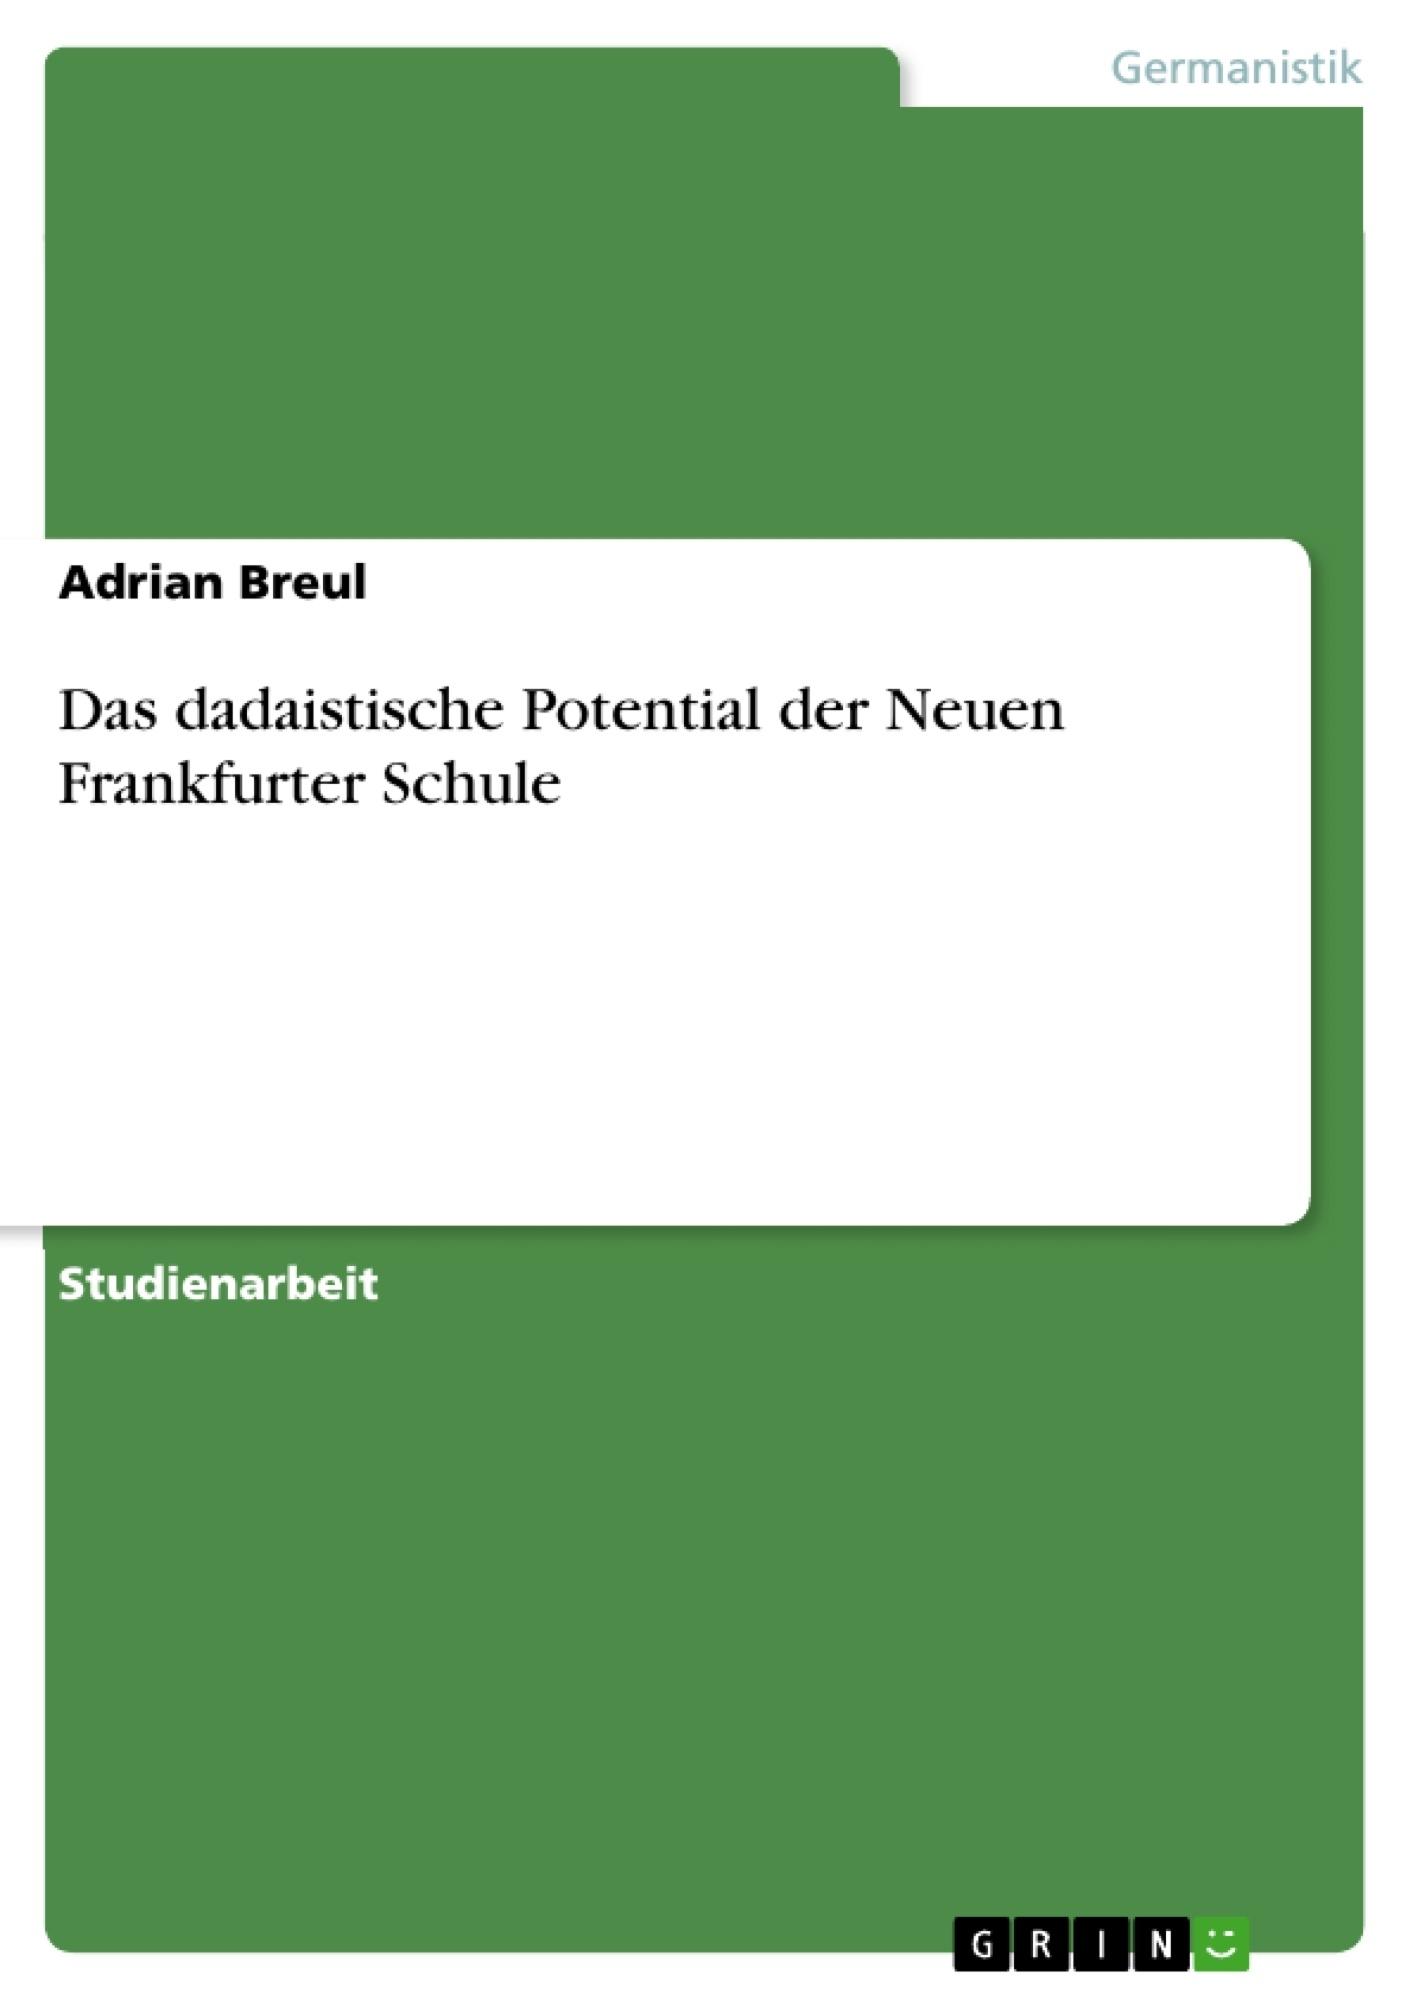 Titel: Das dadaistische Potential der Neuen Frankfurter Schule